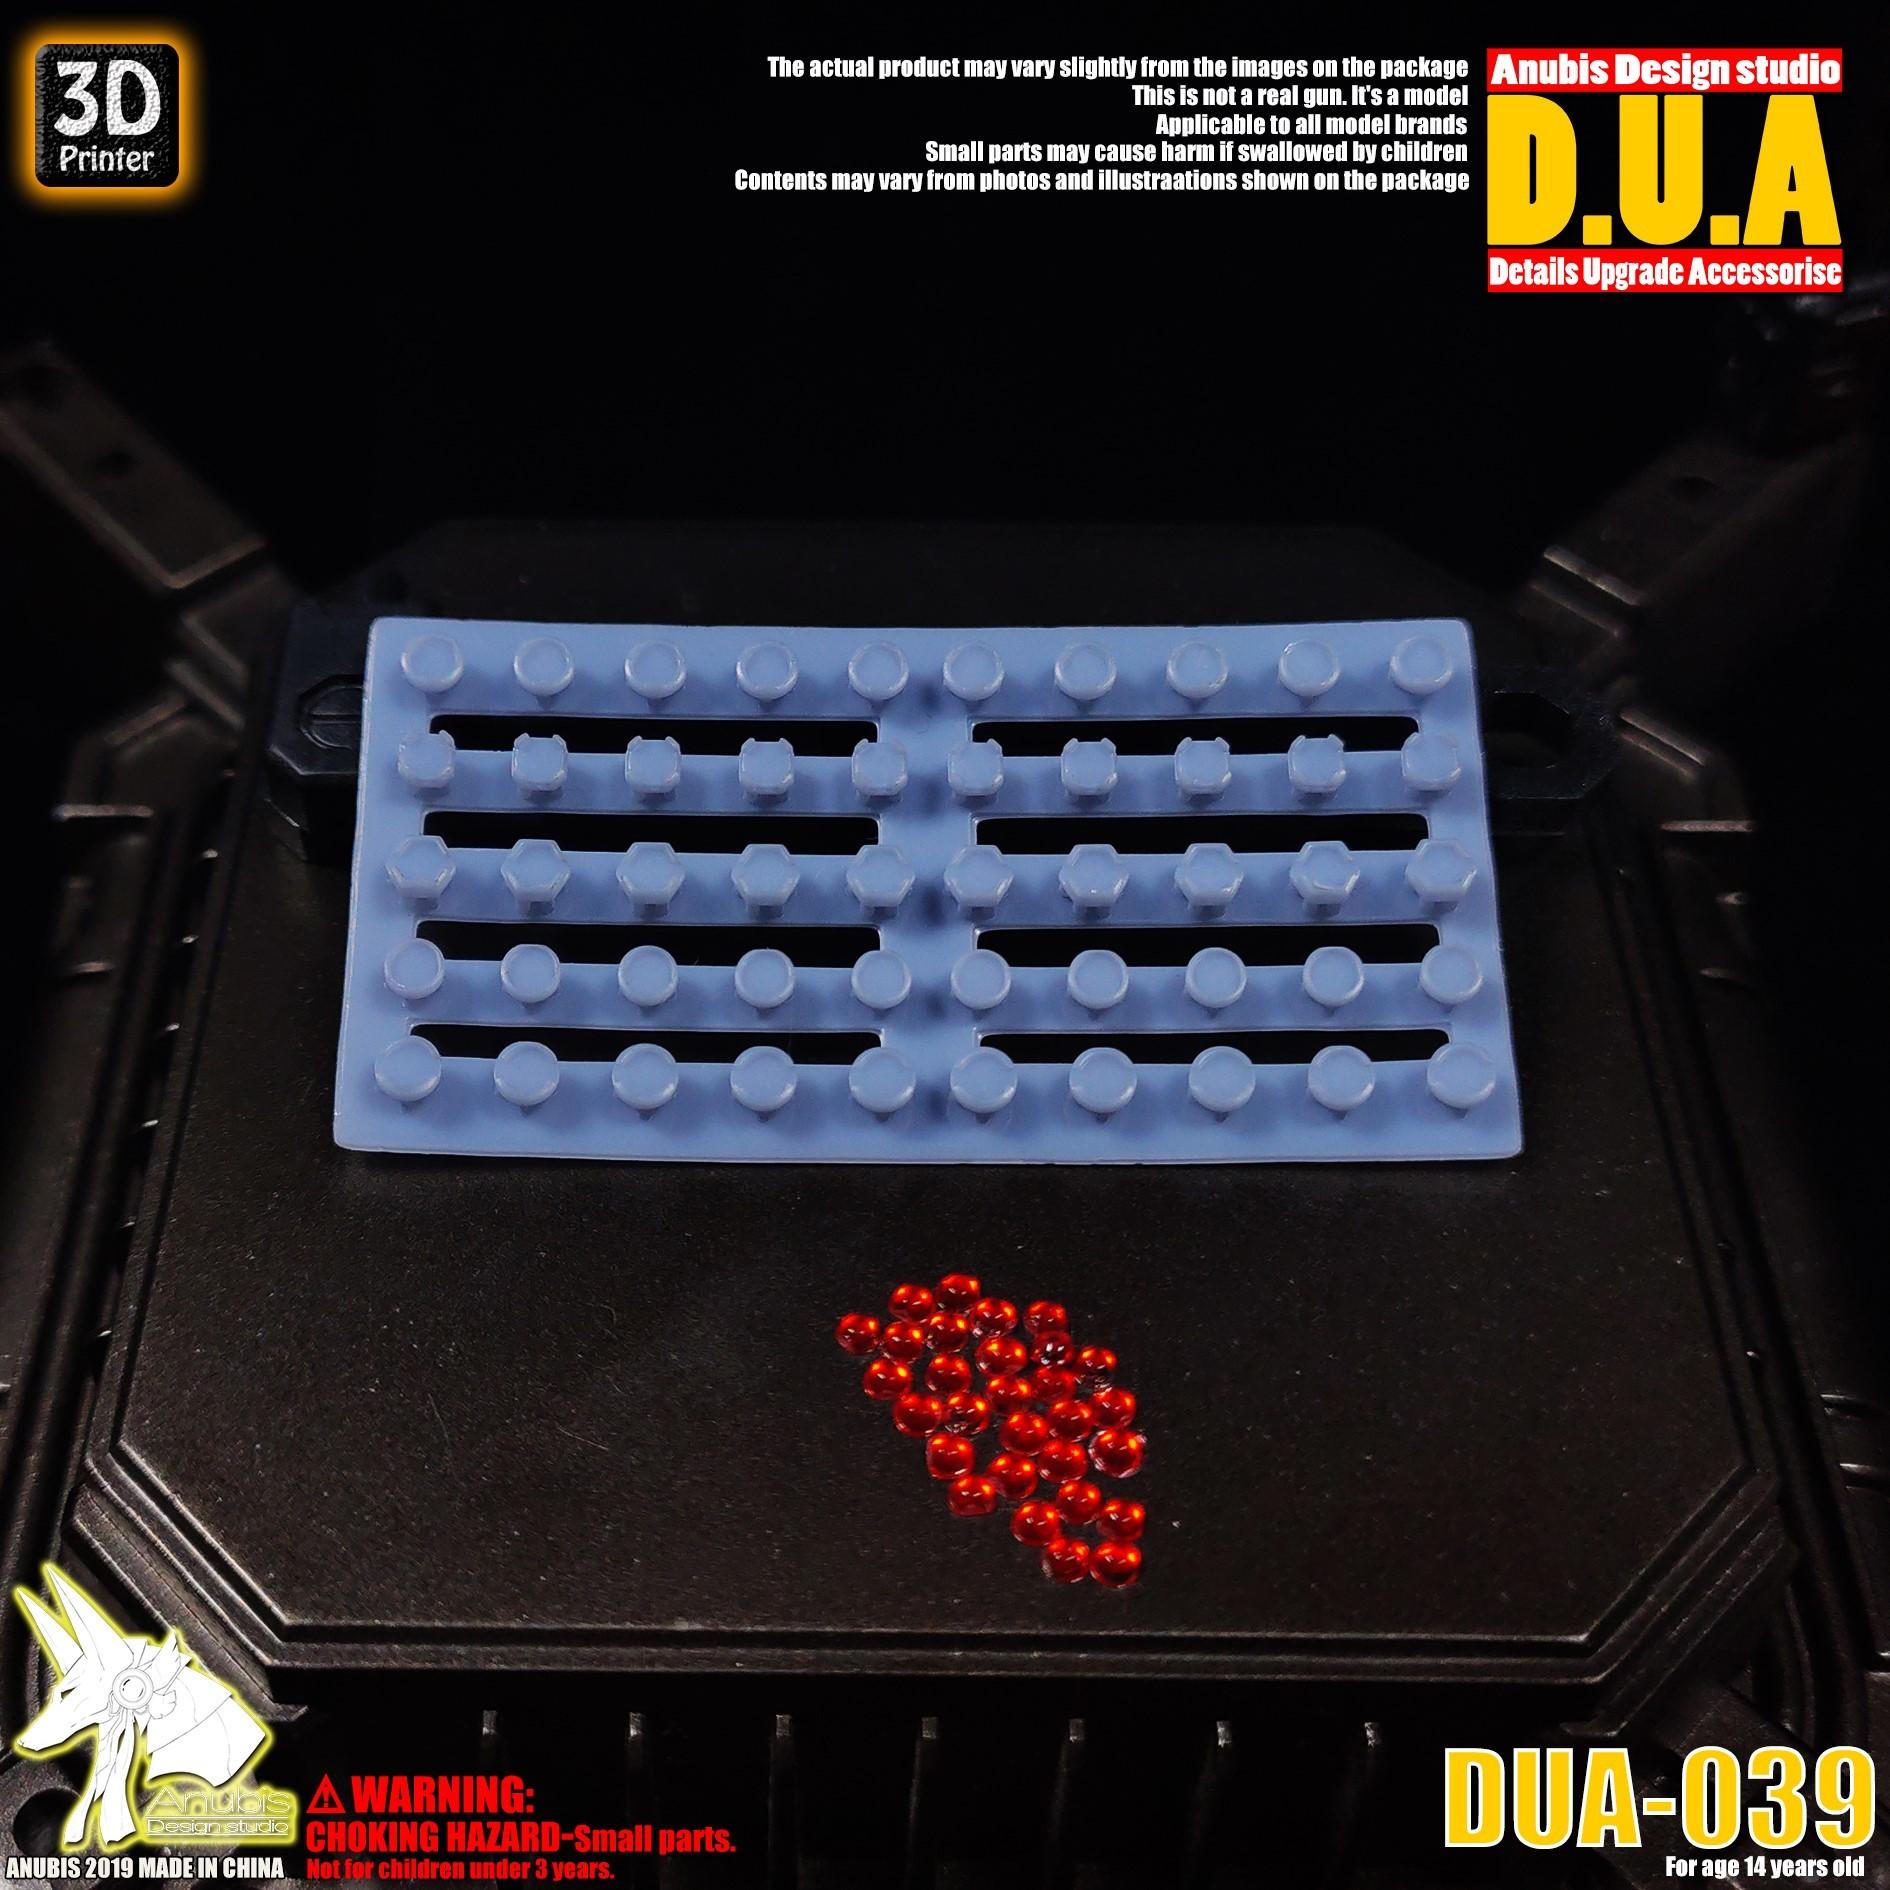 G413_DUA039_002.jpg